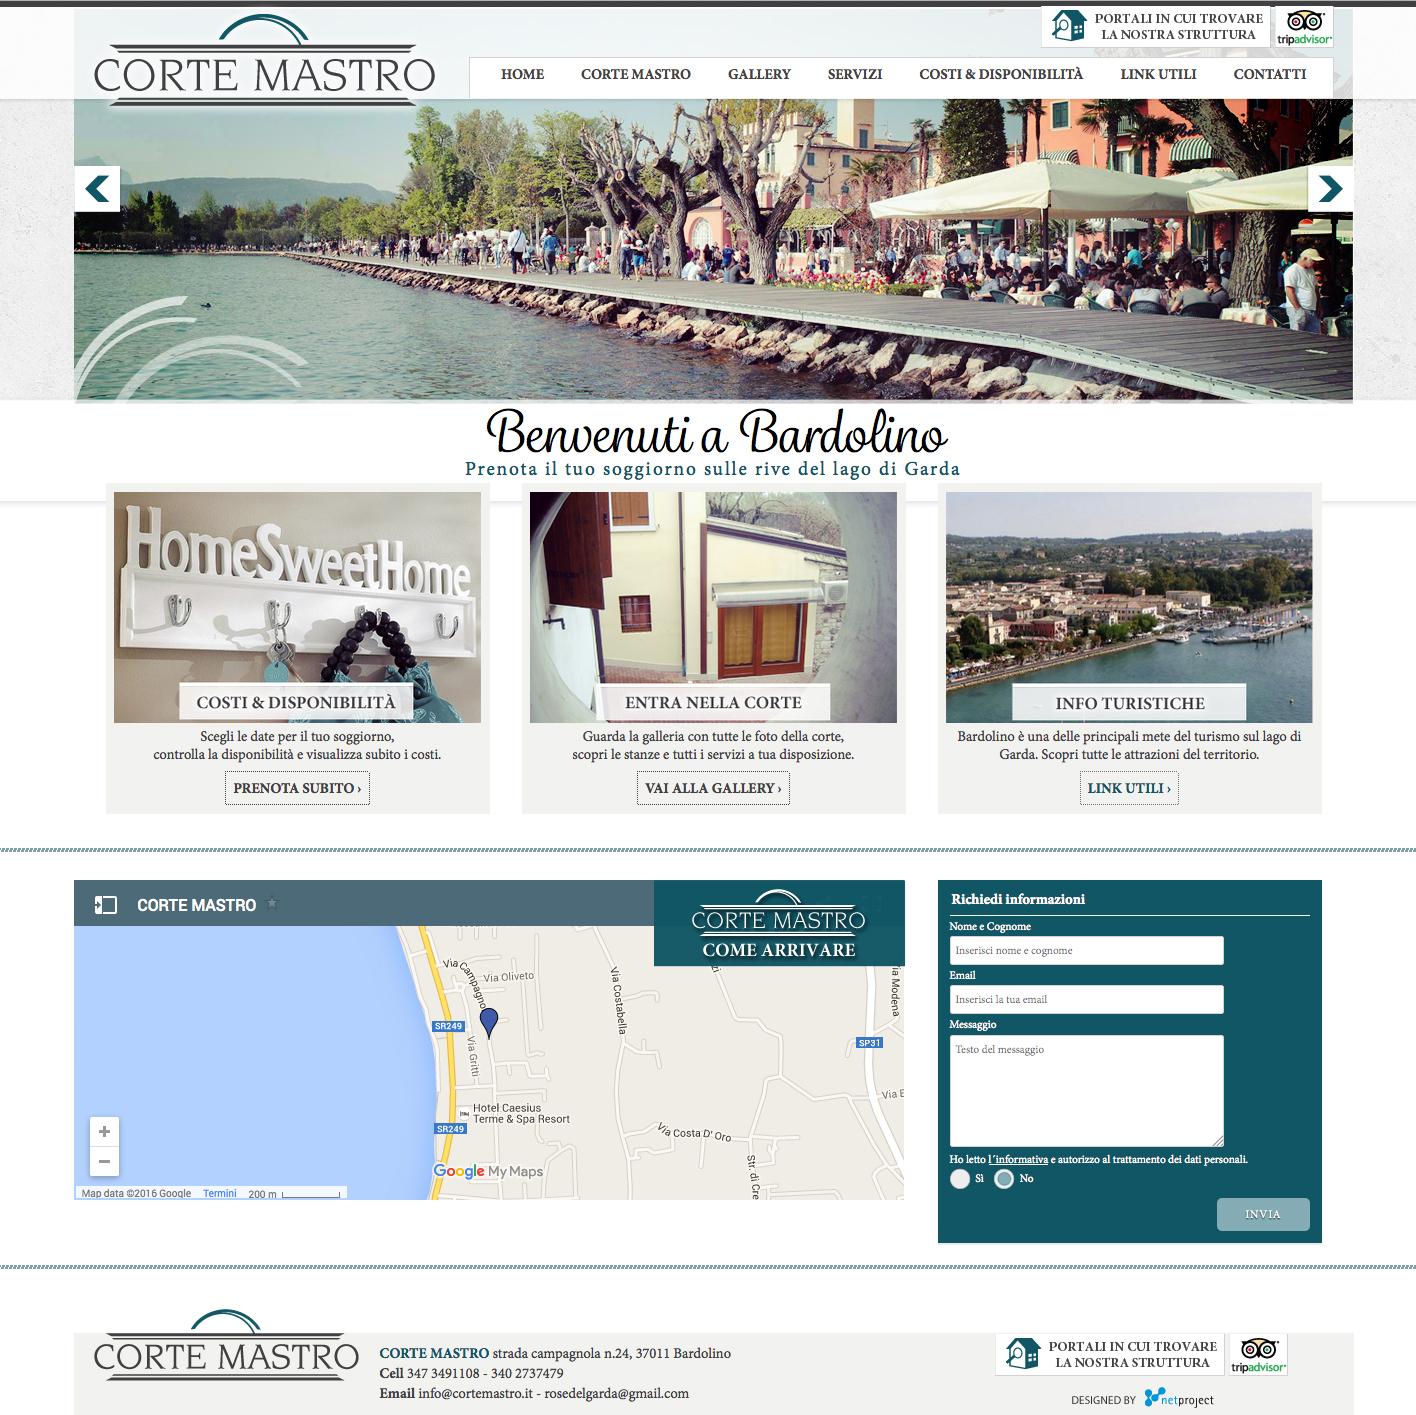 www.cortemastro.it